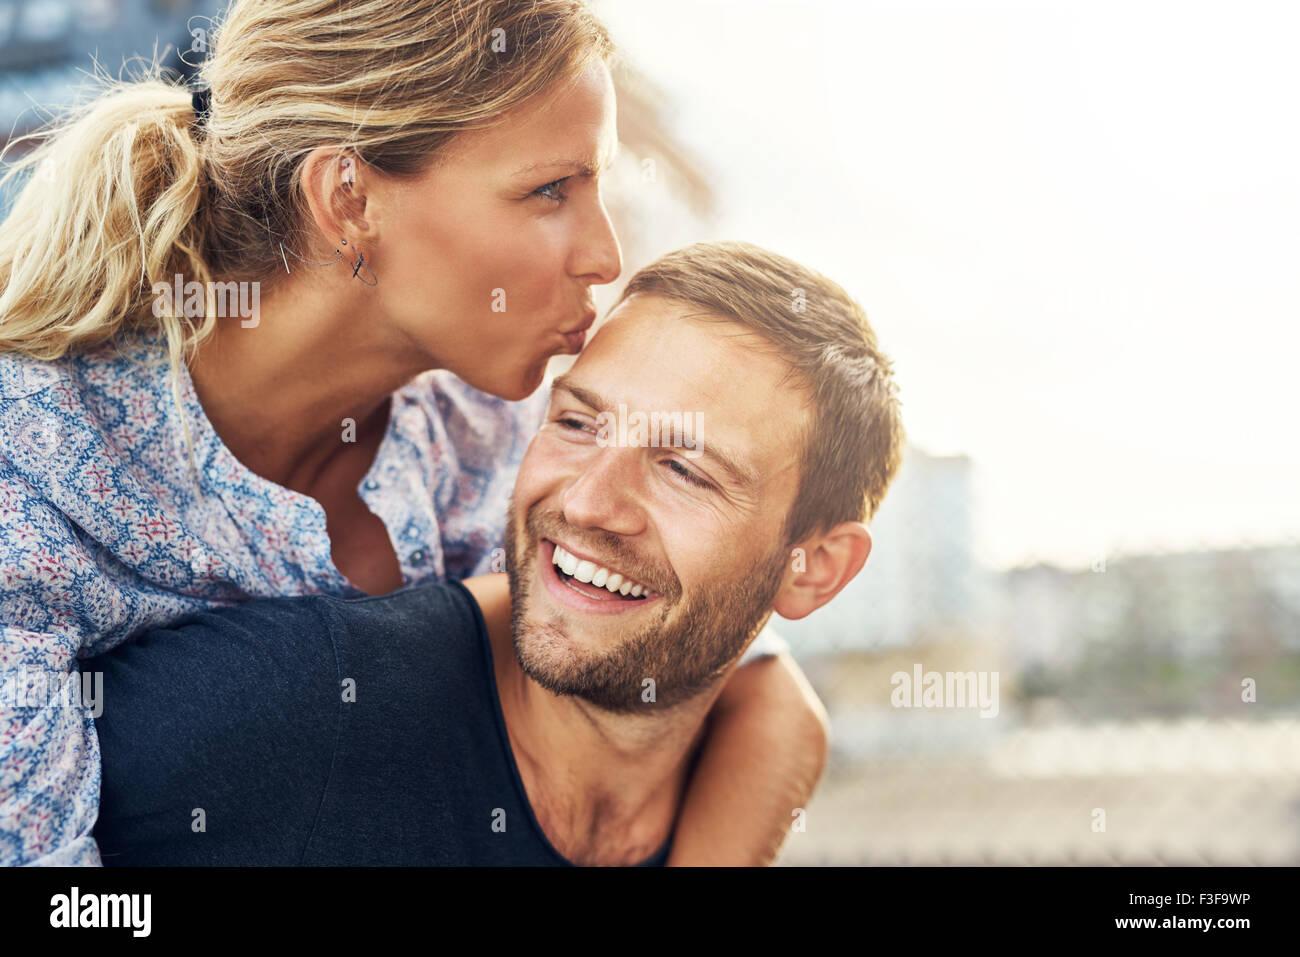 Donna baciare uomo mentre ride, Coppia Giovane Immagini Stock